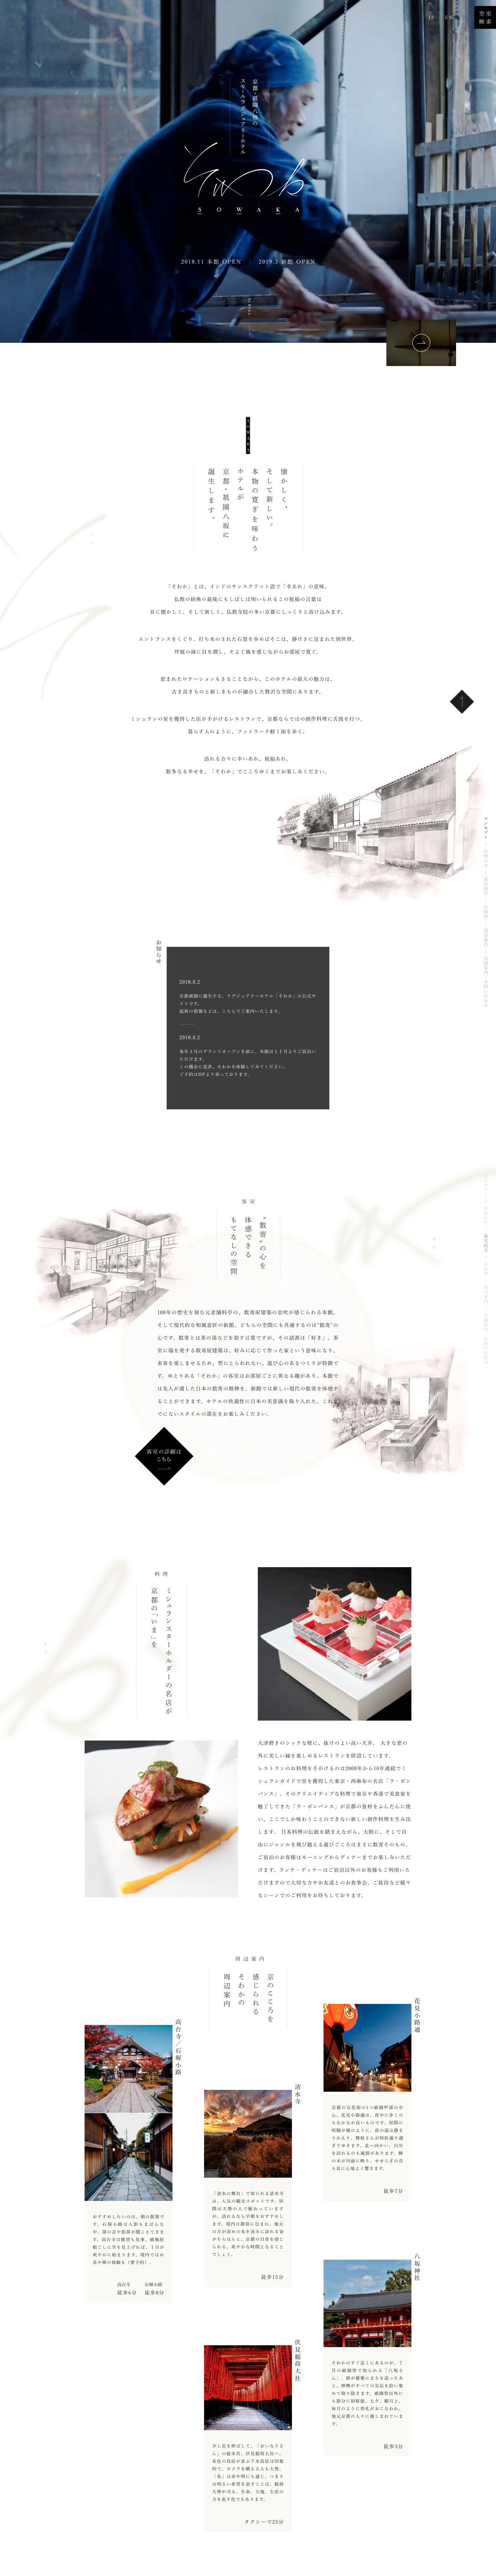 SOWAKA WEB DESIGN